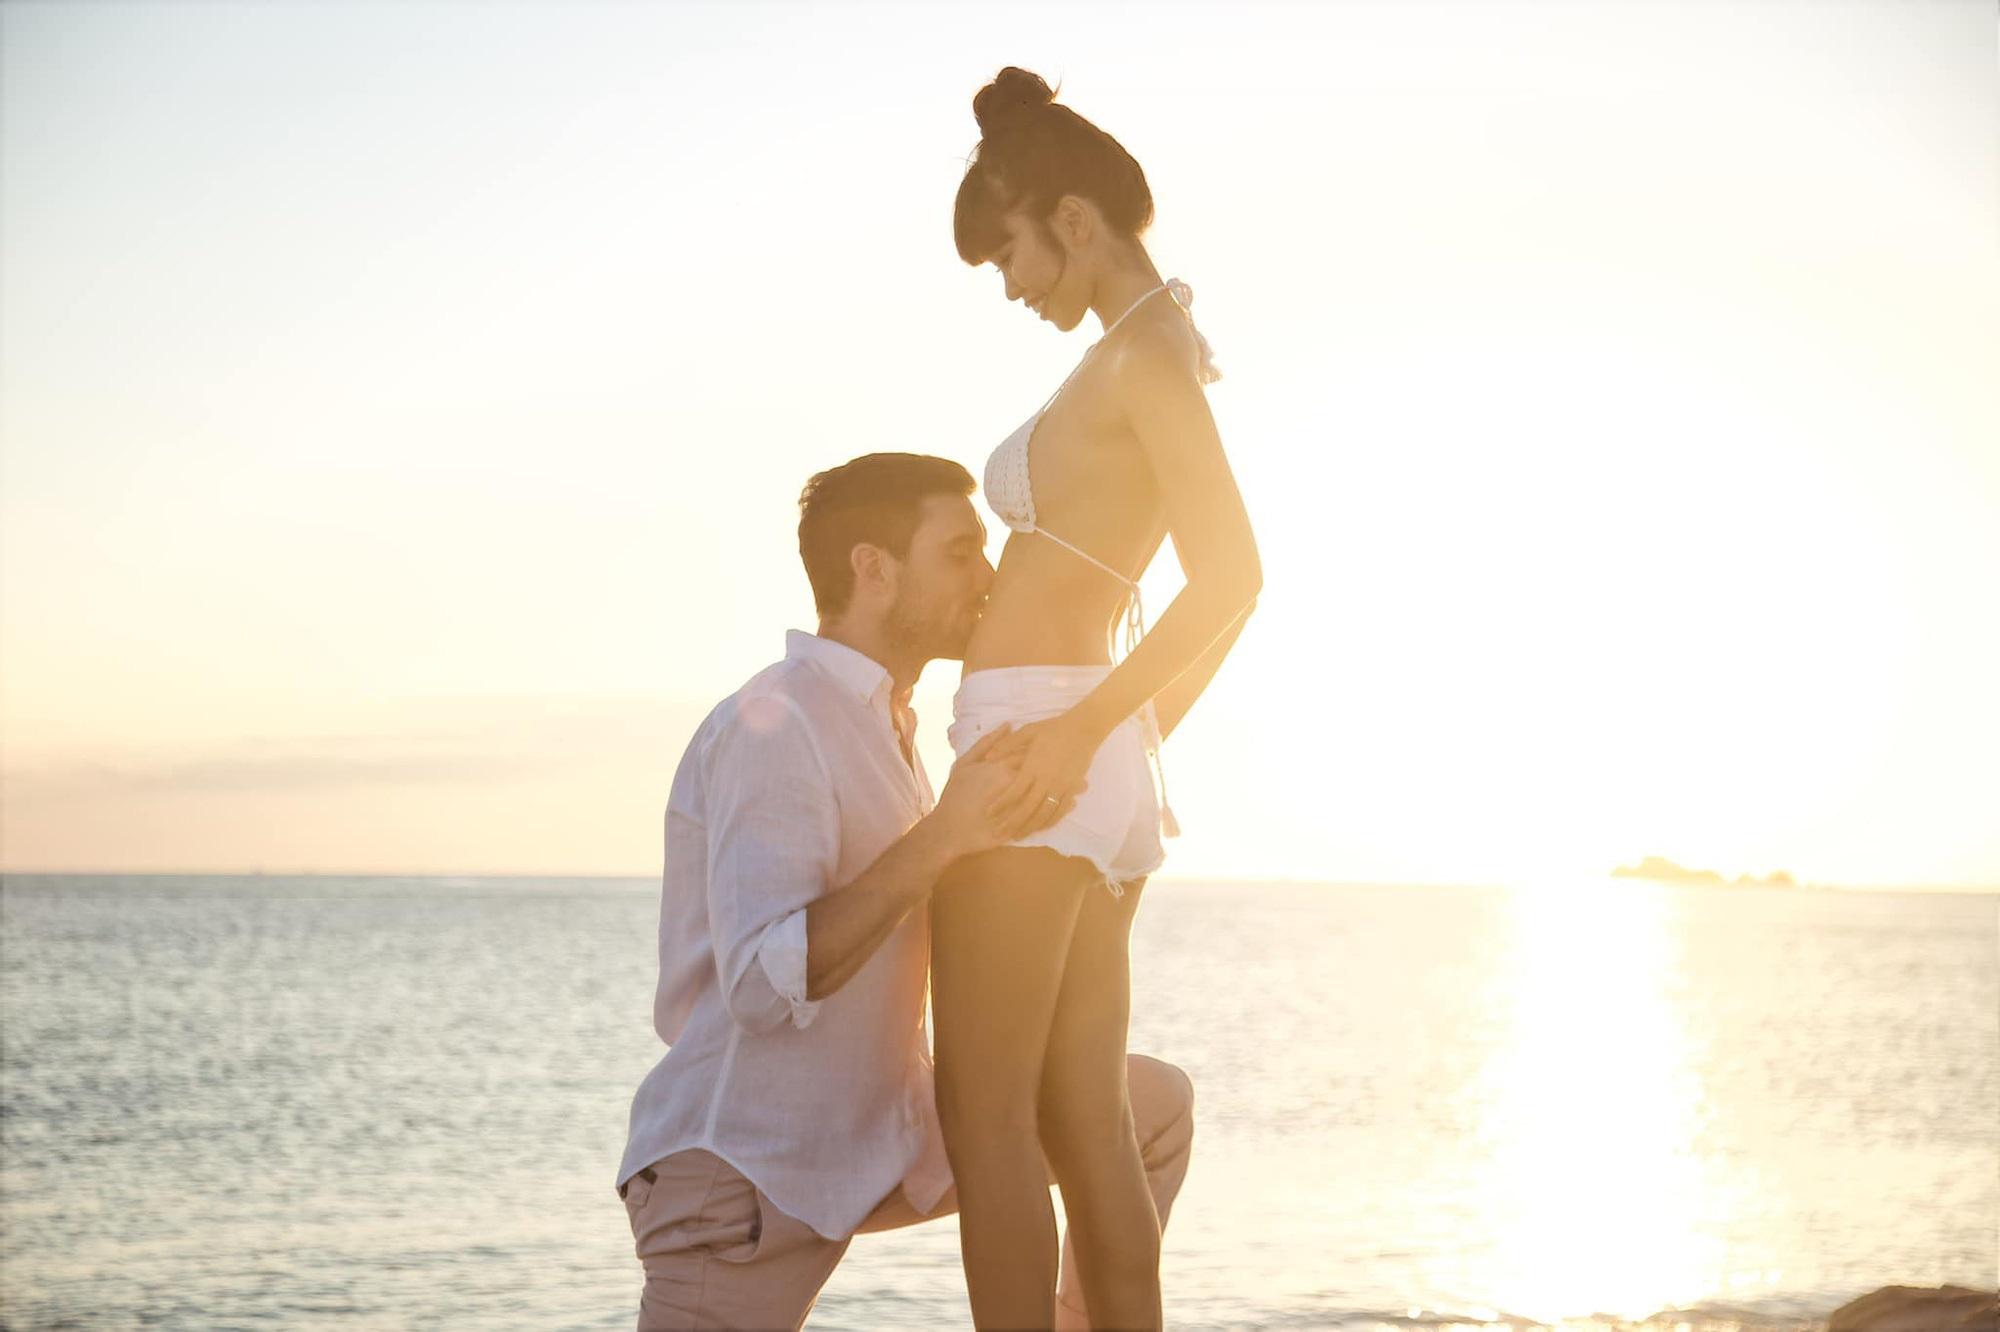 Siêu mẫu Hà Anh kỷ niệm 4 năm ngày cưới với loạt hình ảnh hiếm có lúc bé Myla mới lọt lòng 'trộm vía' xinh xắn, siêu đáng yêu - Ảnh 2